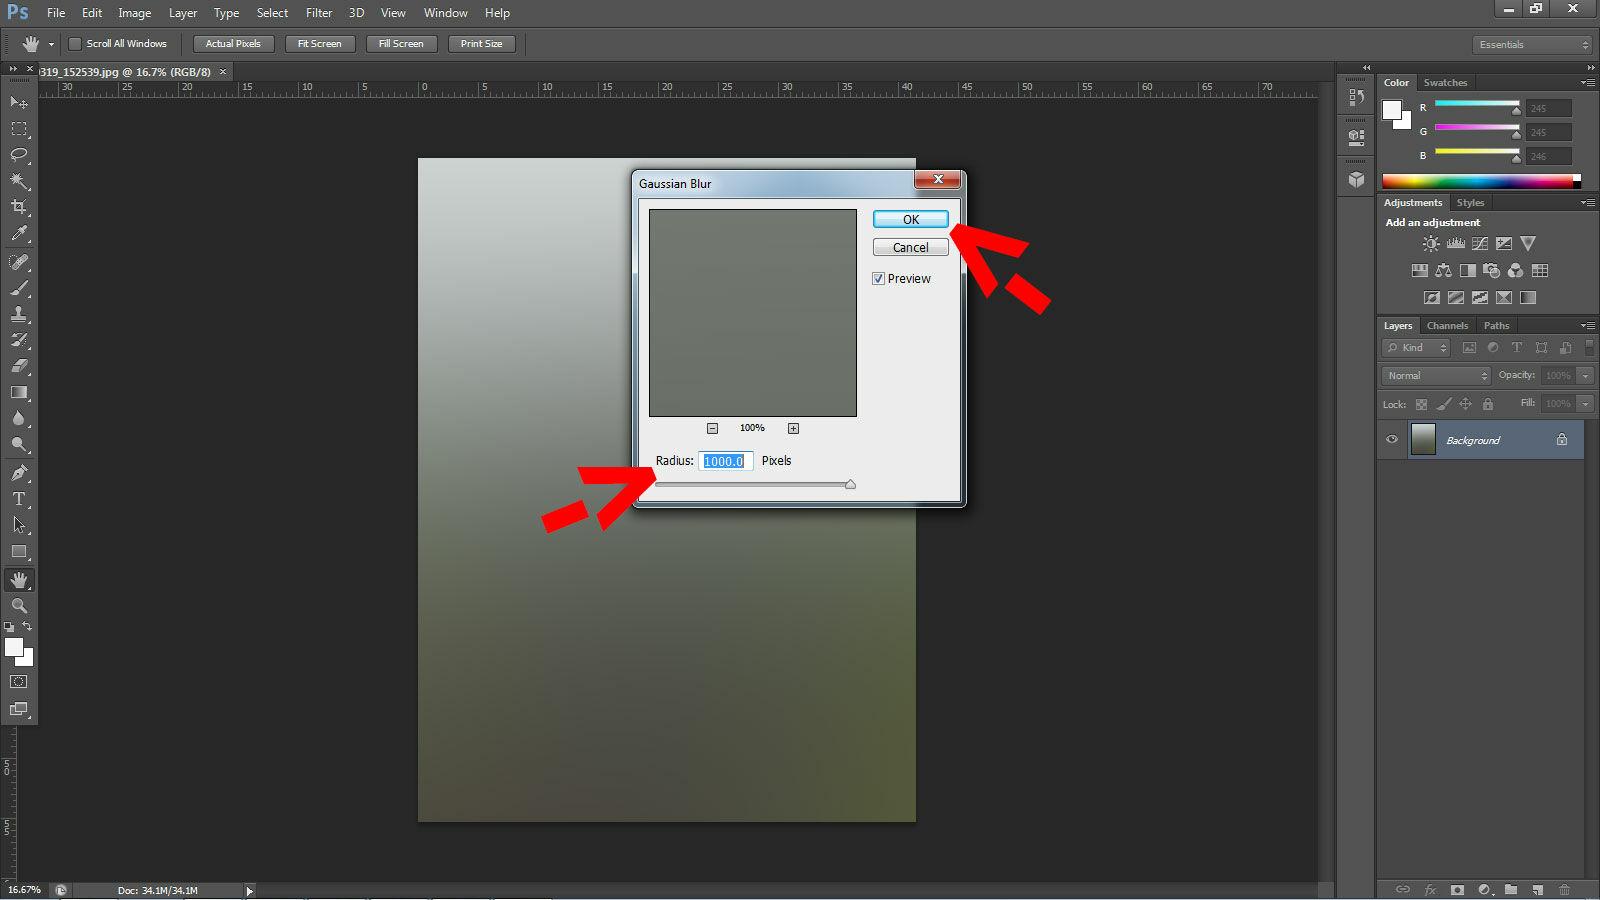 Cara Membuat Efek Instagram Di Photoshop 2